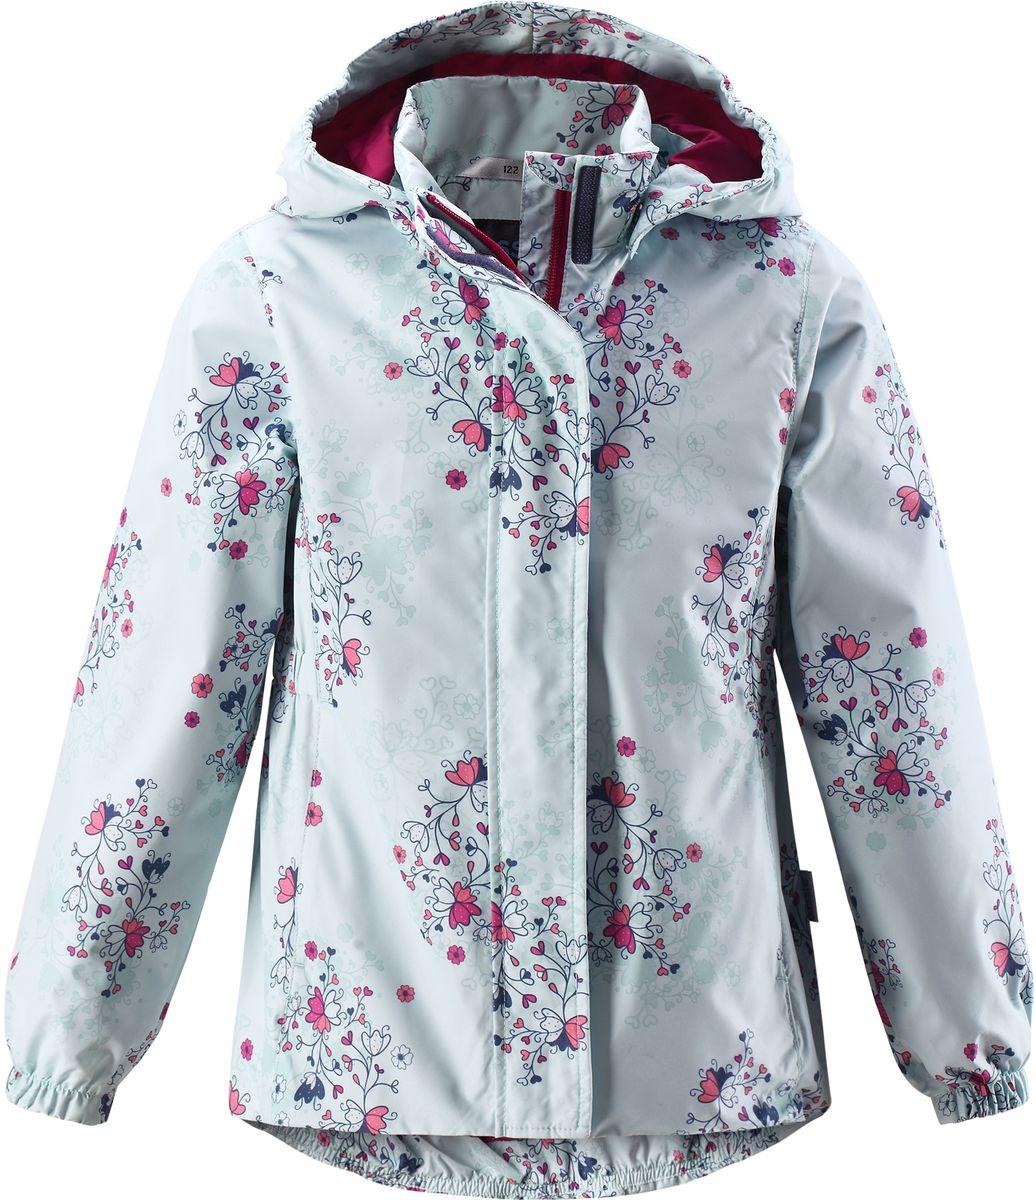 Куртка для девочки Lassie, цвет: бледно-зеленый. 721704R8781. Размер 122721704R8781Стильная демисезонная куртка для девочек изготовлена из водоотталкивающего, ветронепроницаемого и дышащего материала. Гладкая и приятная на ощупь подкладка из полиэстера на легком утеплителе согревает и облегчает процесс одевания. Удлиненная модель для девочек с эластичной талией, подолом и манжетами. Практичные детали просто незаменимы: безопасный съемный капюшон, карманы, вшитые в боковые швы, и светоотражающая эмблема сзади.